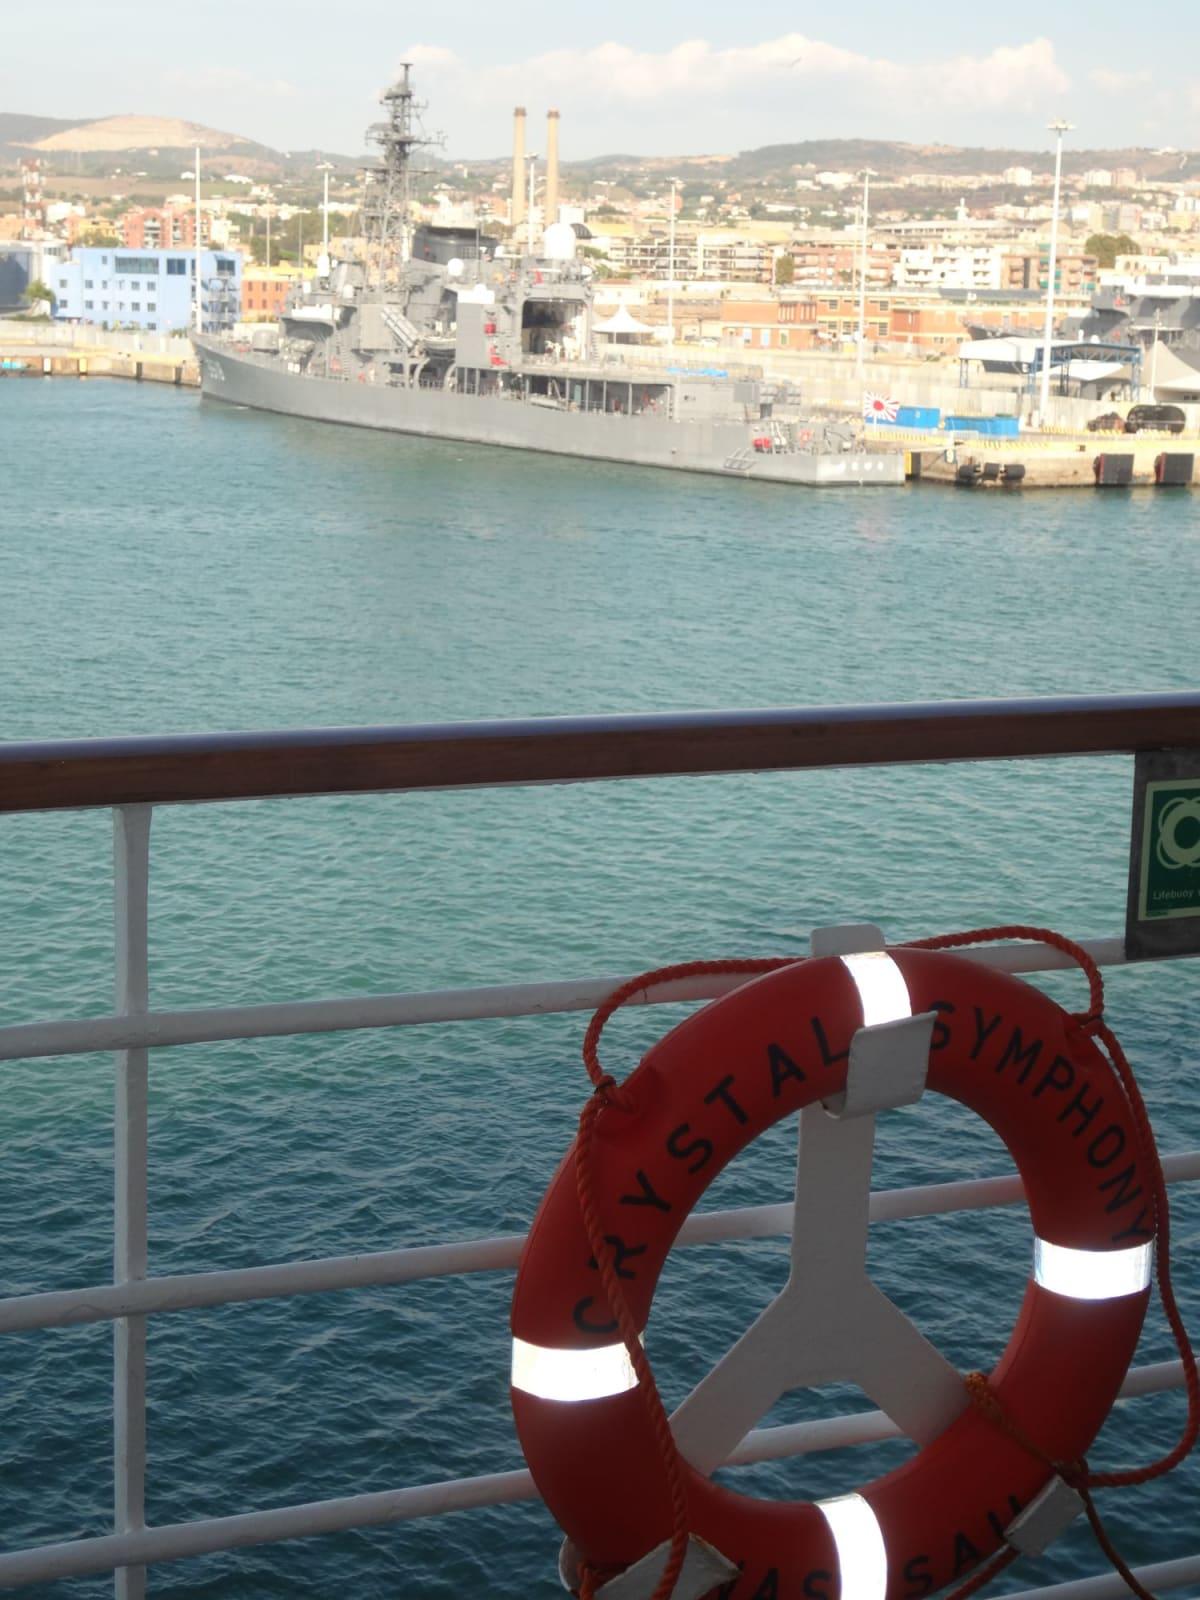 チビタベッキア(ローマ) 停泊中の海上自衛艦「せとゆき」 | チビタベッキア(ローマ県)